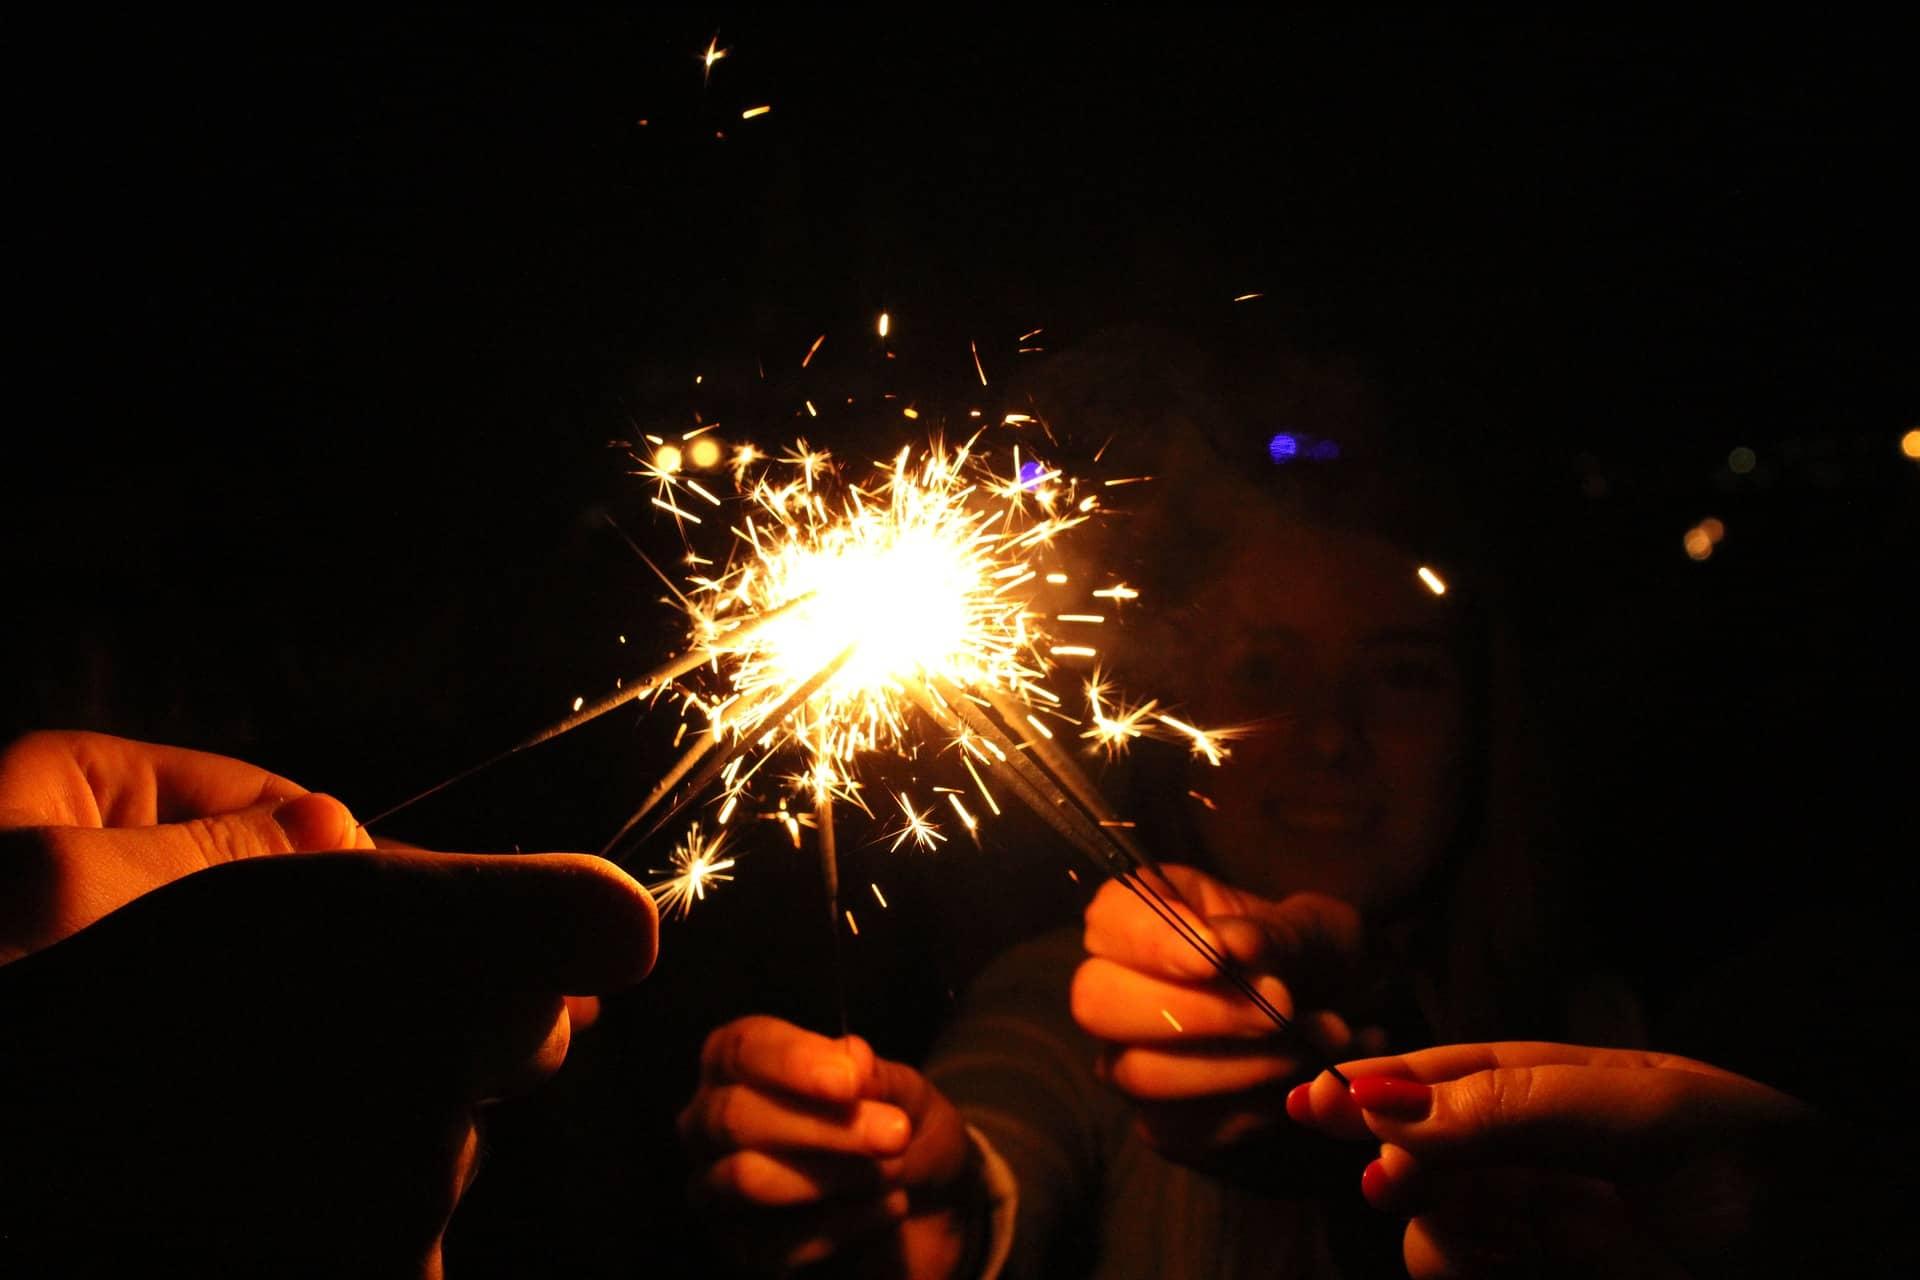 Flammèches, fêter les lumières, lumière, moment présent